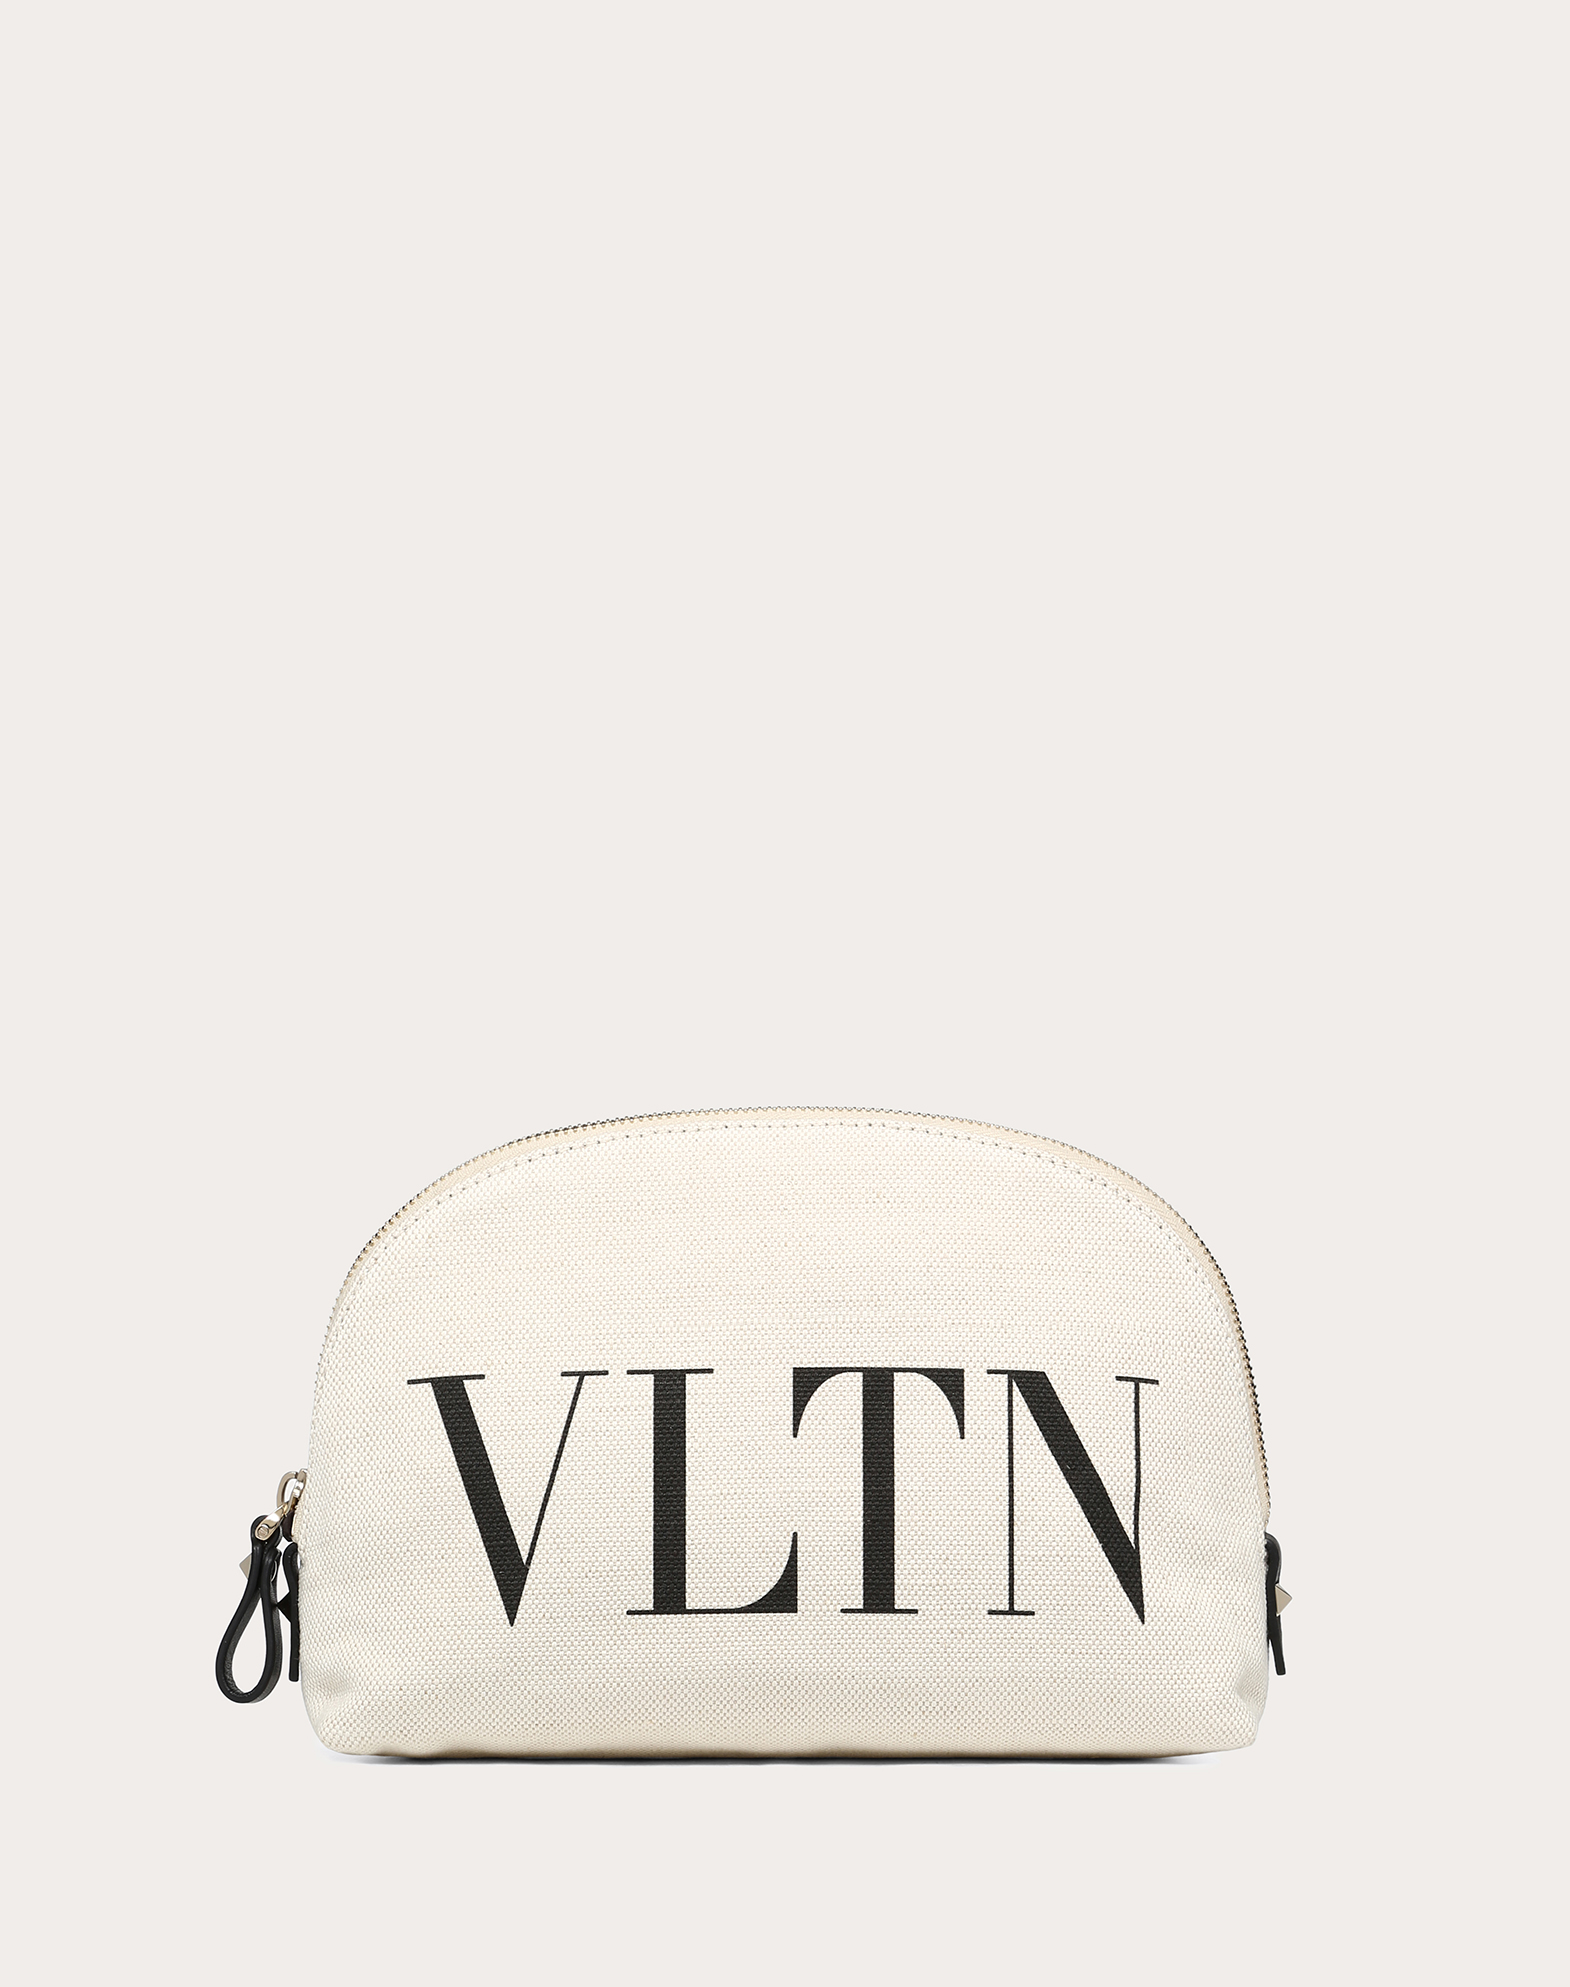 VLTN Make-up Bag